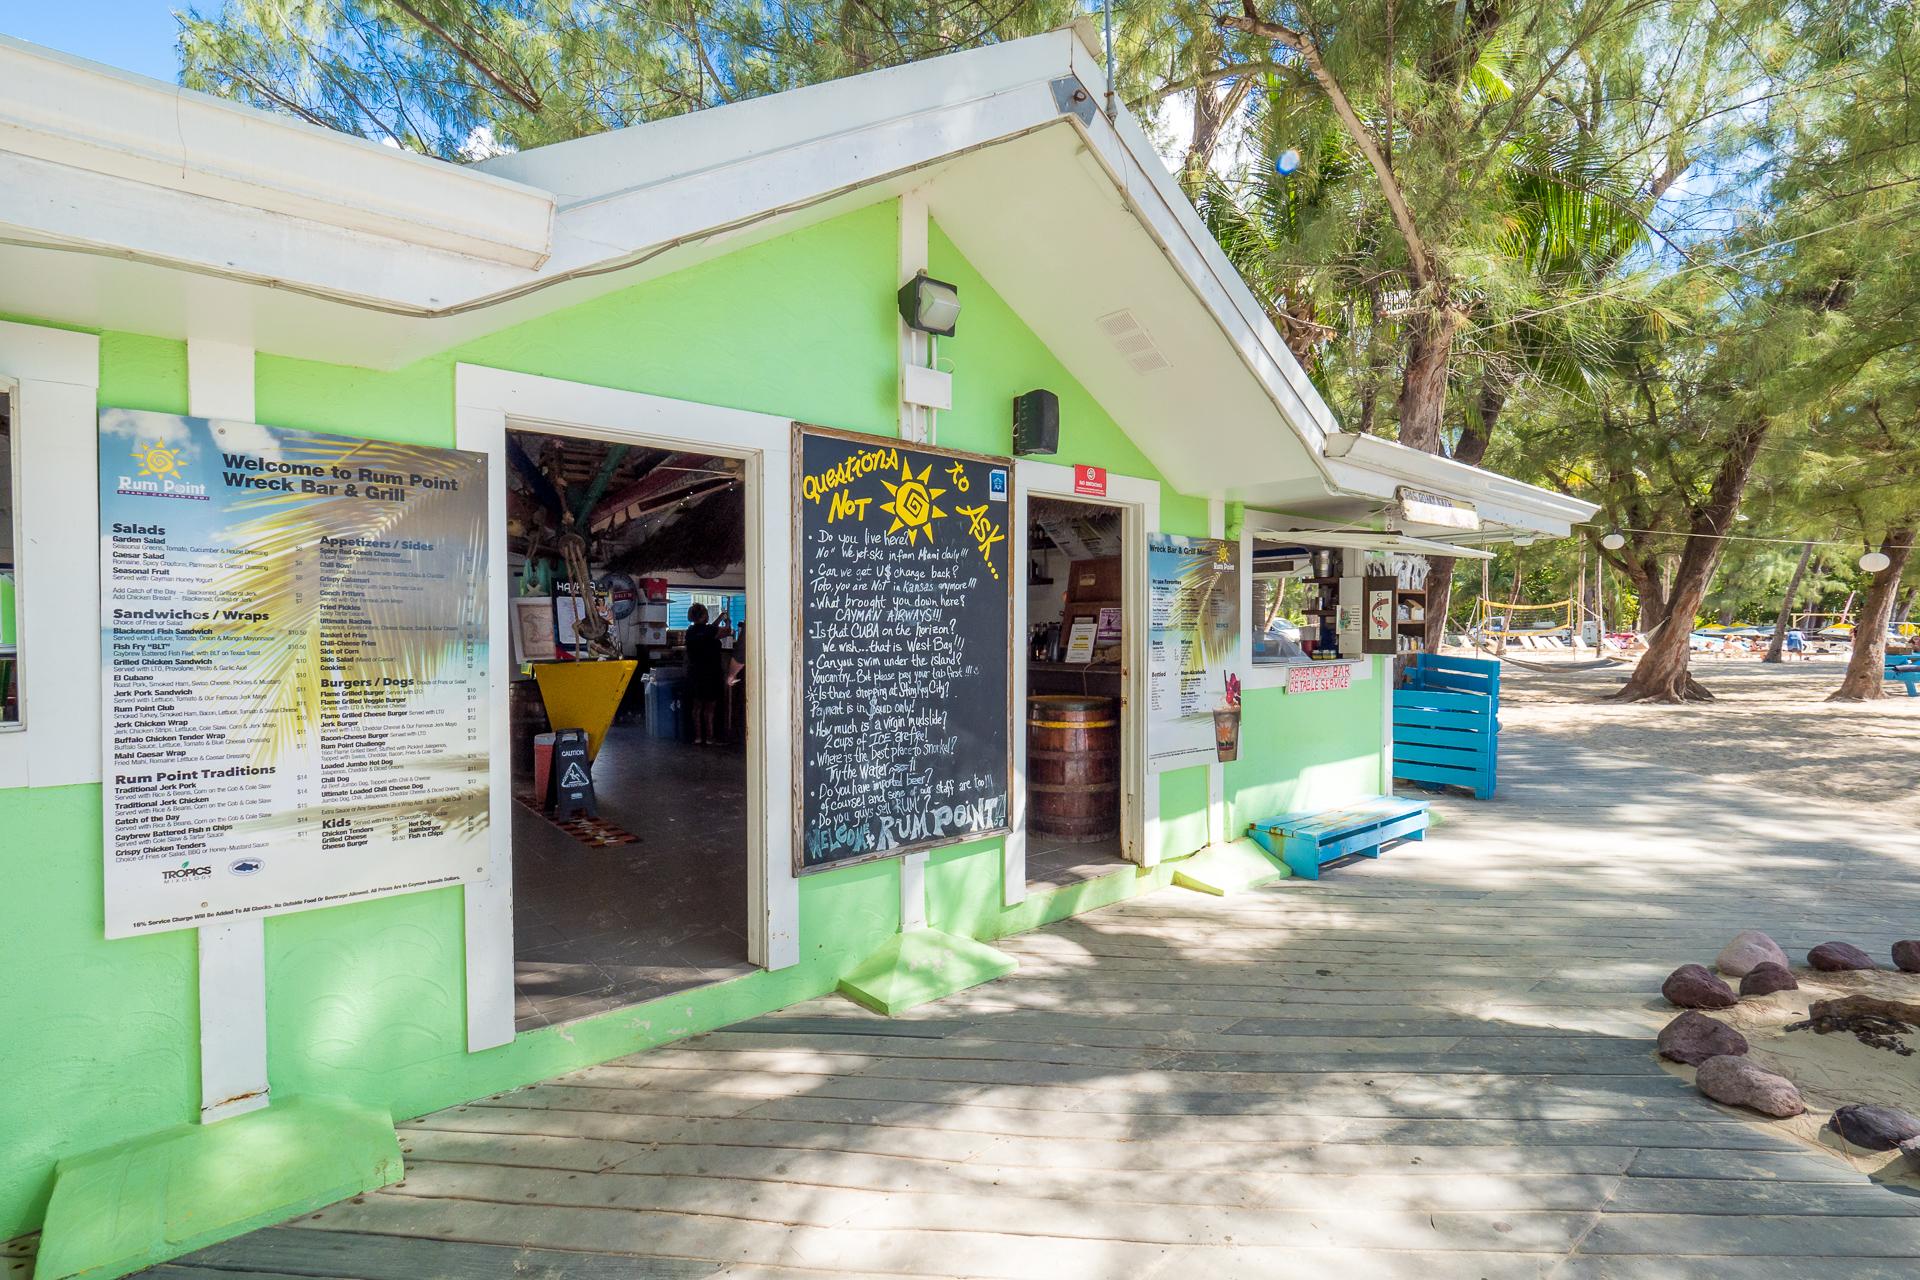 Rm Point Wreck Bar